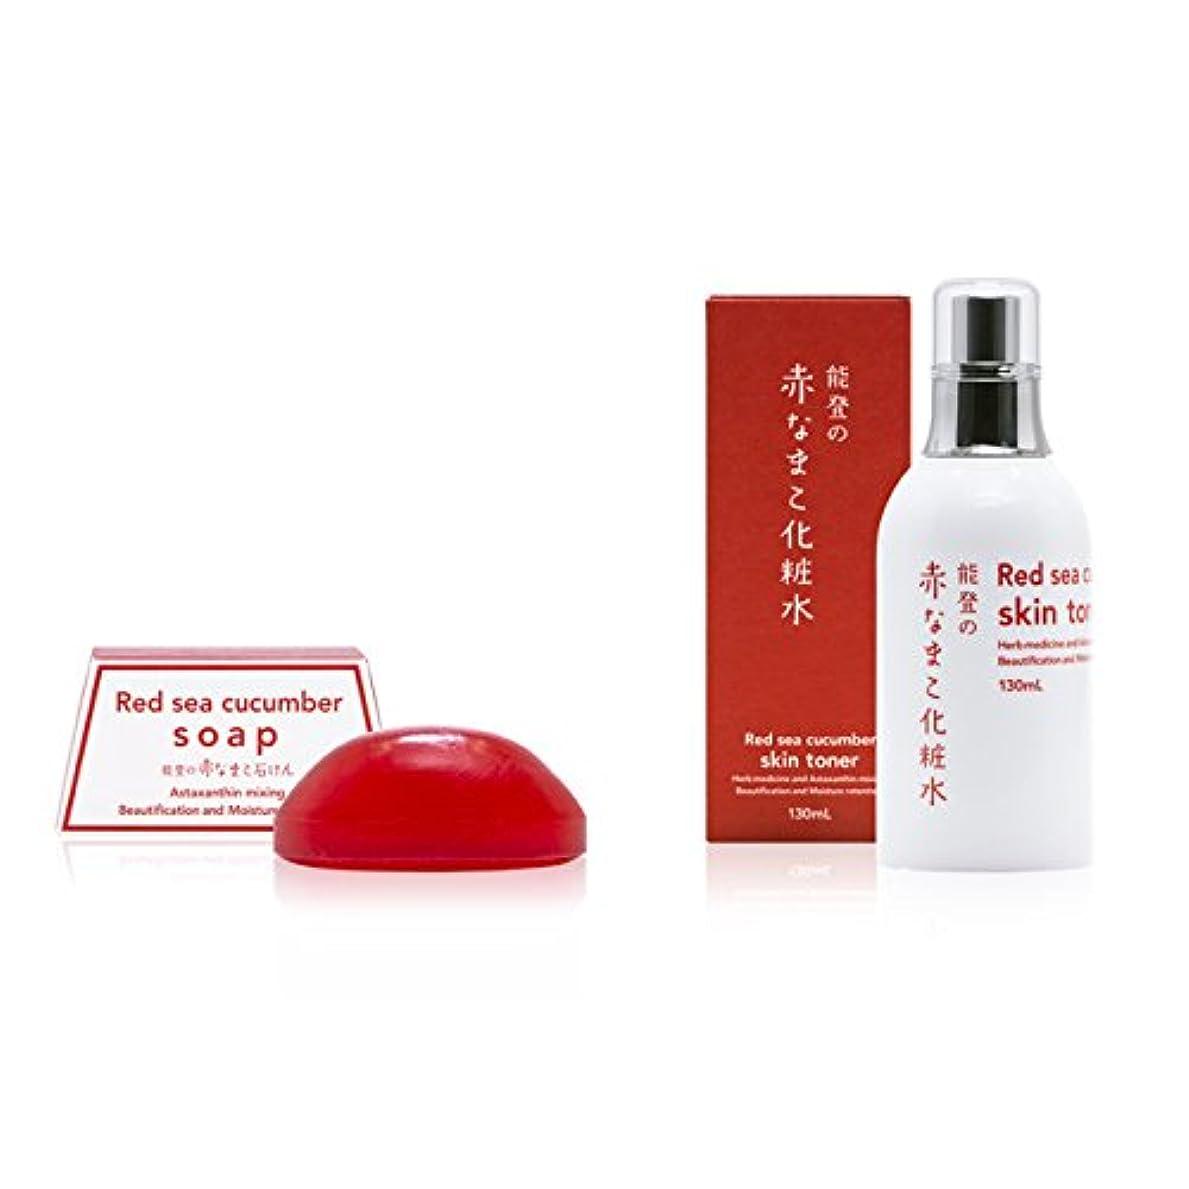 以前は申し込む何か能登の赤なまこ石けん&能登の赤なまこ化粧水セット